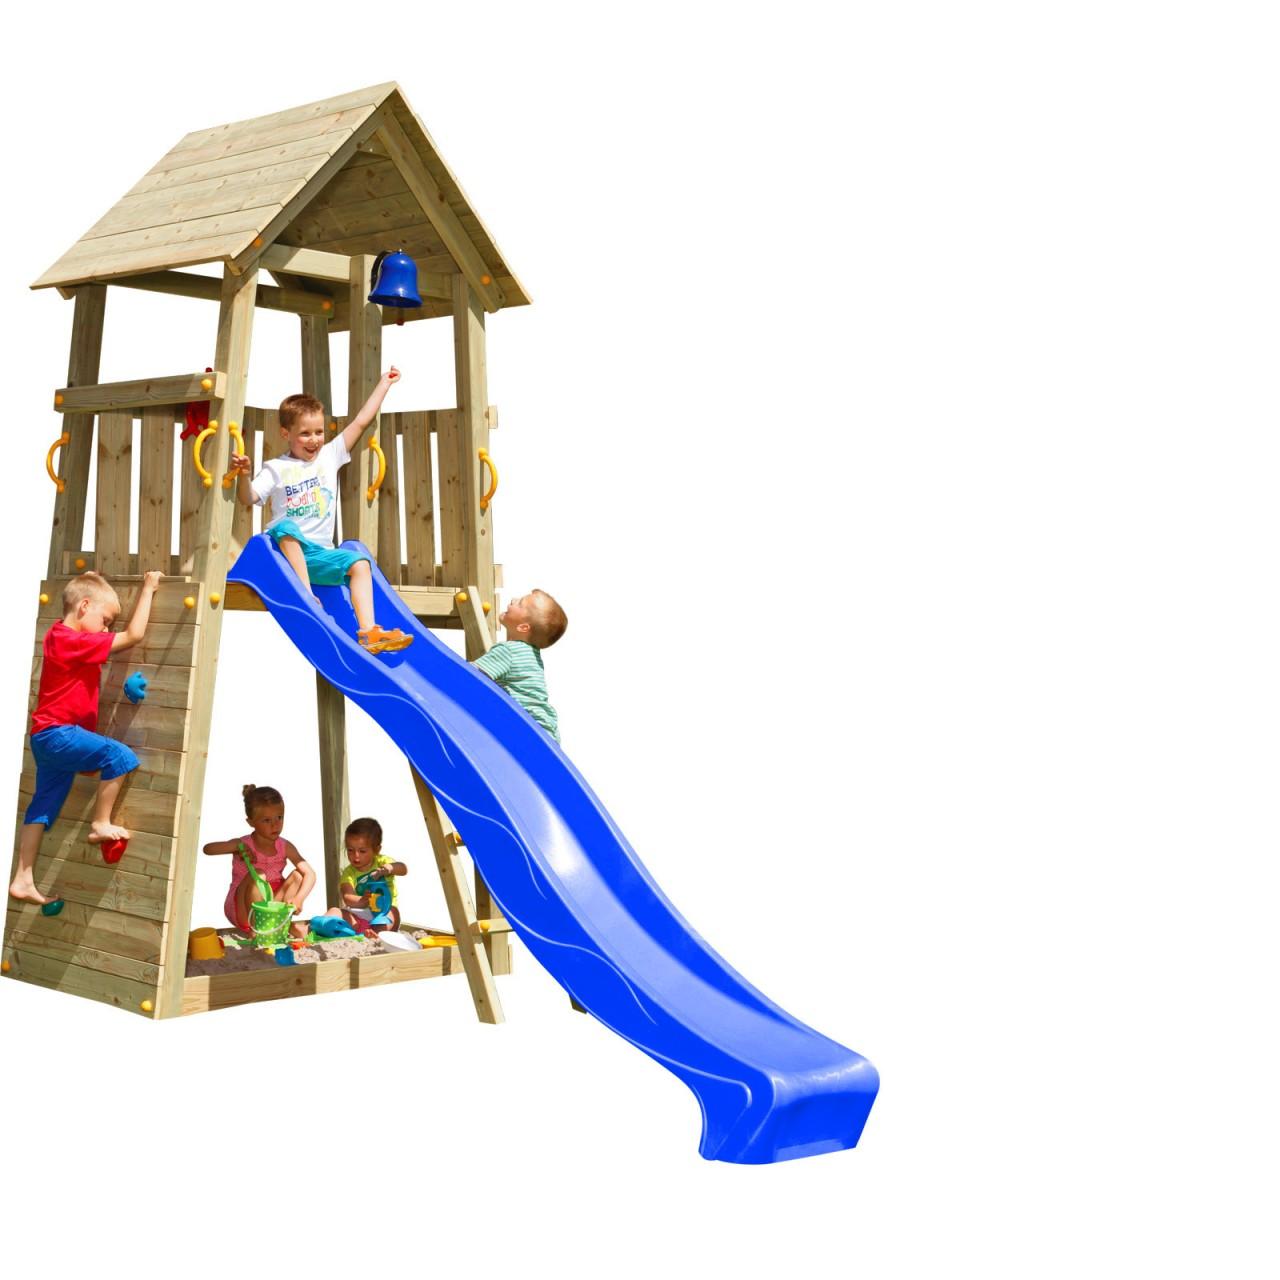 Spielturm BELVEDERE mit Rutsche 2,90 m Blau